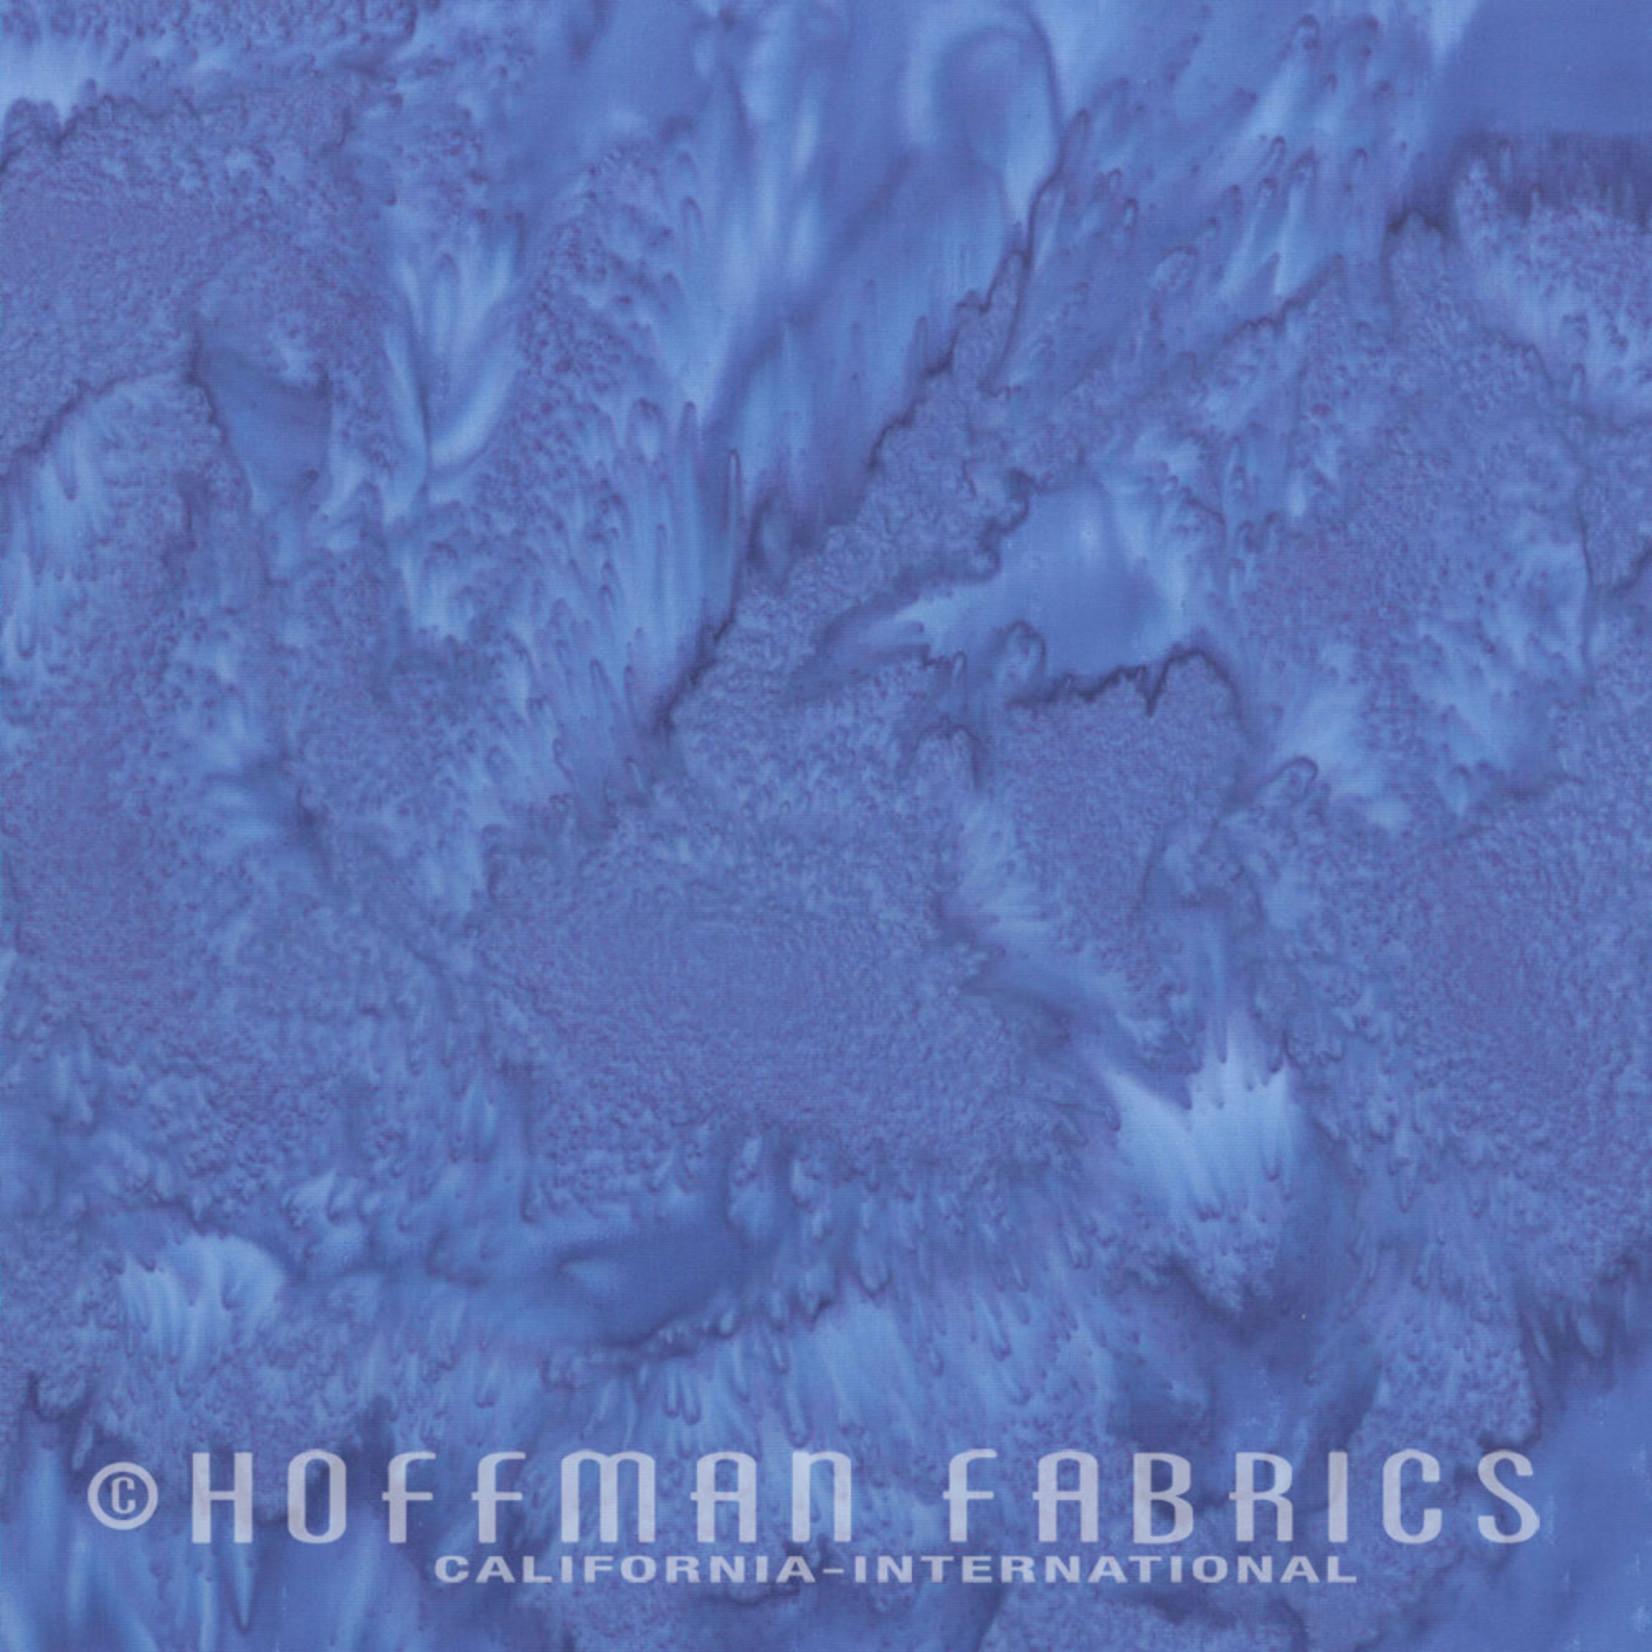 Hoffman Fabrics Watercolors 1895 - 324 Dragonfly